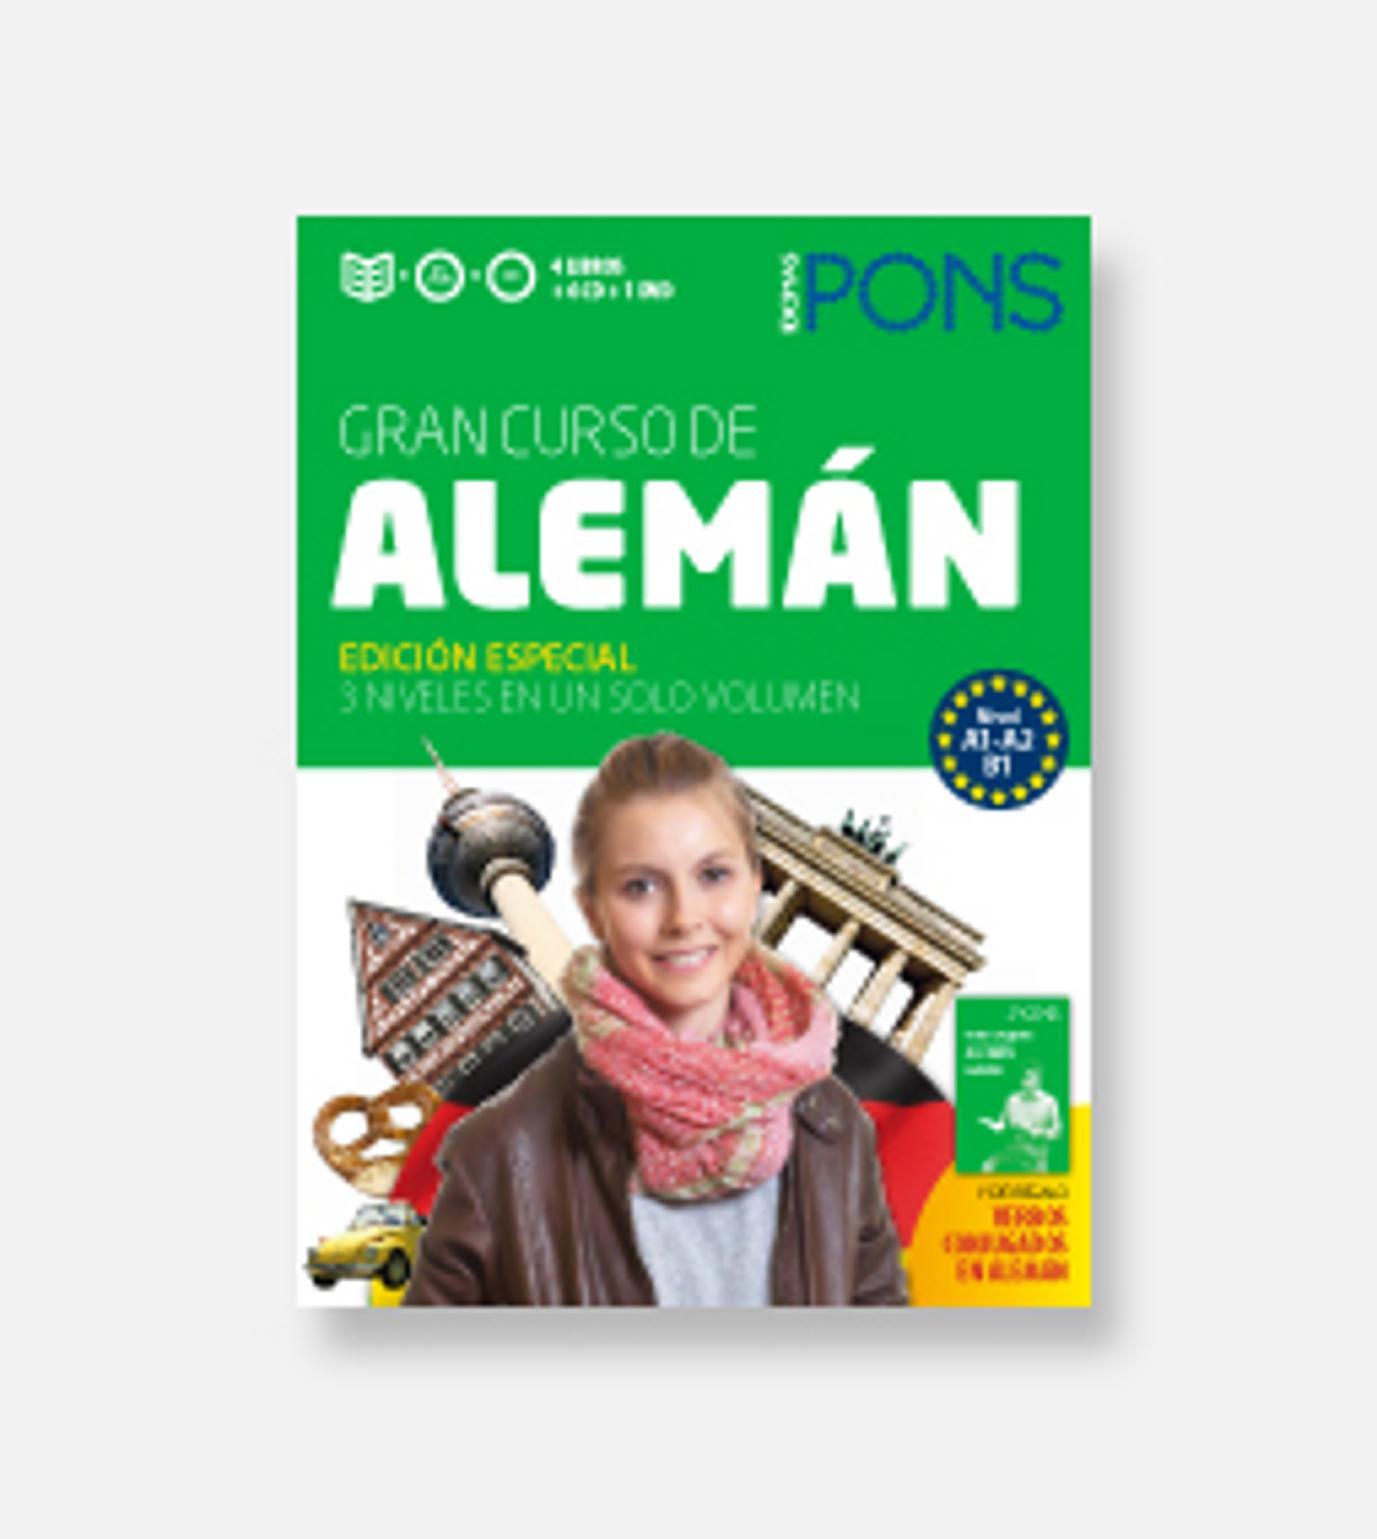 ALEMÁN GRAN Curso PONS Autoaprendizaje 4 Libros + 6 CDs + DVD + Verbo